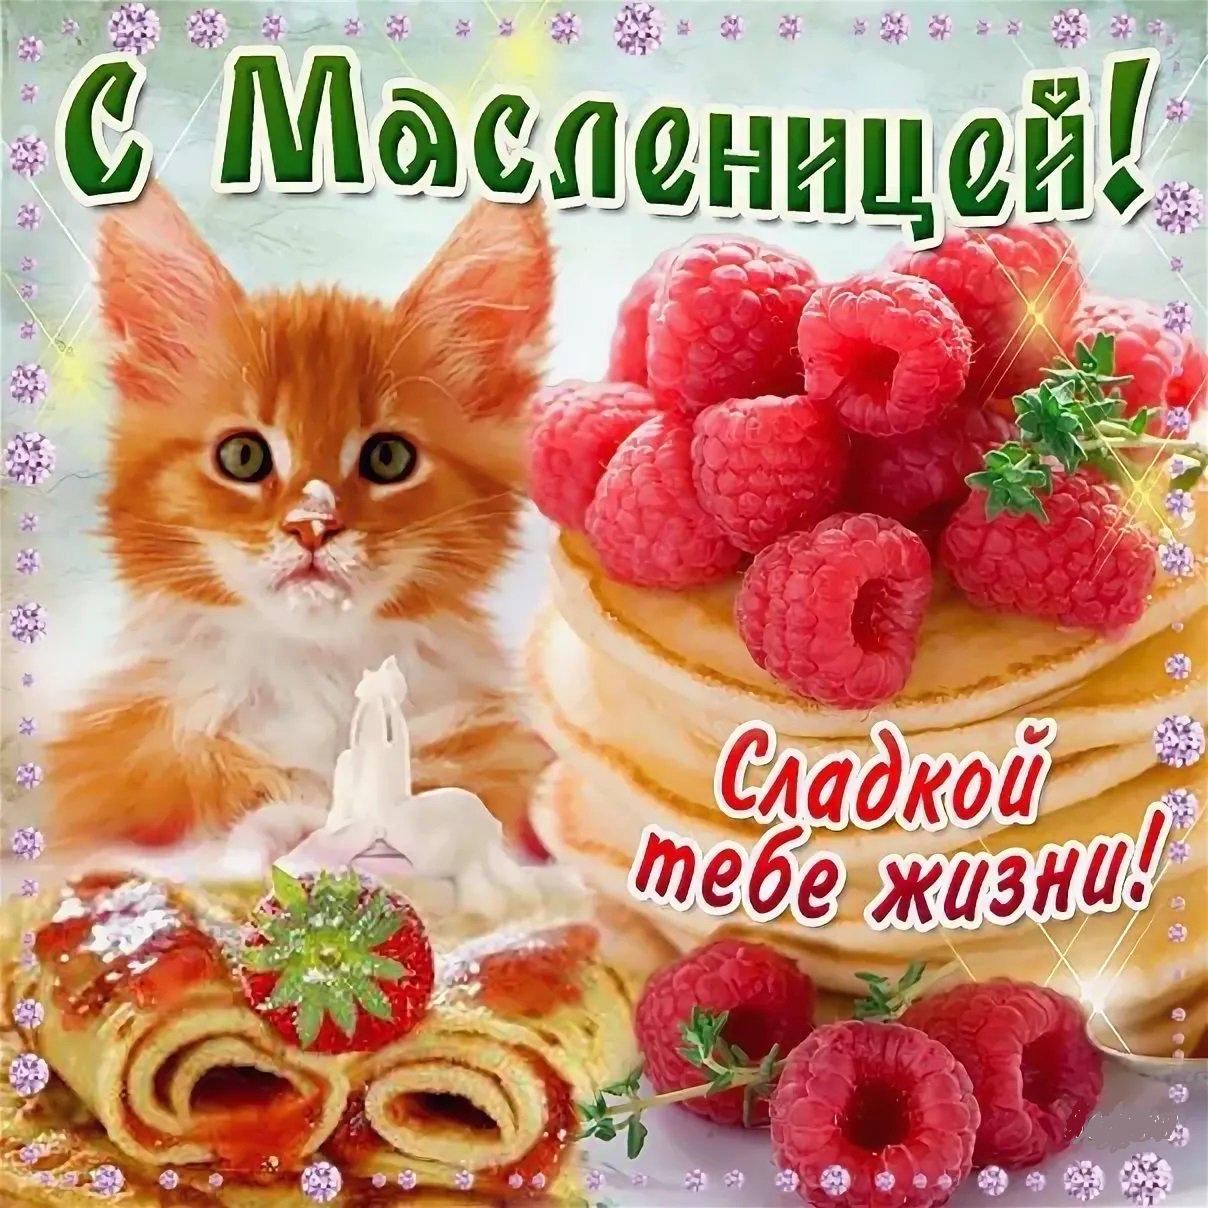 С масленицей поздравления на открытке